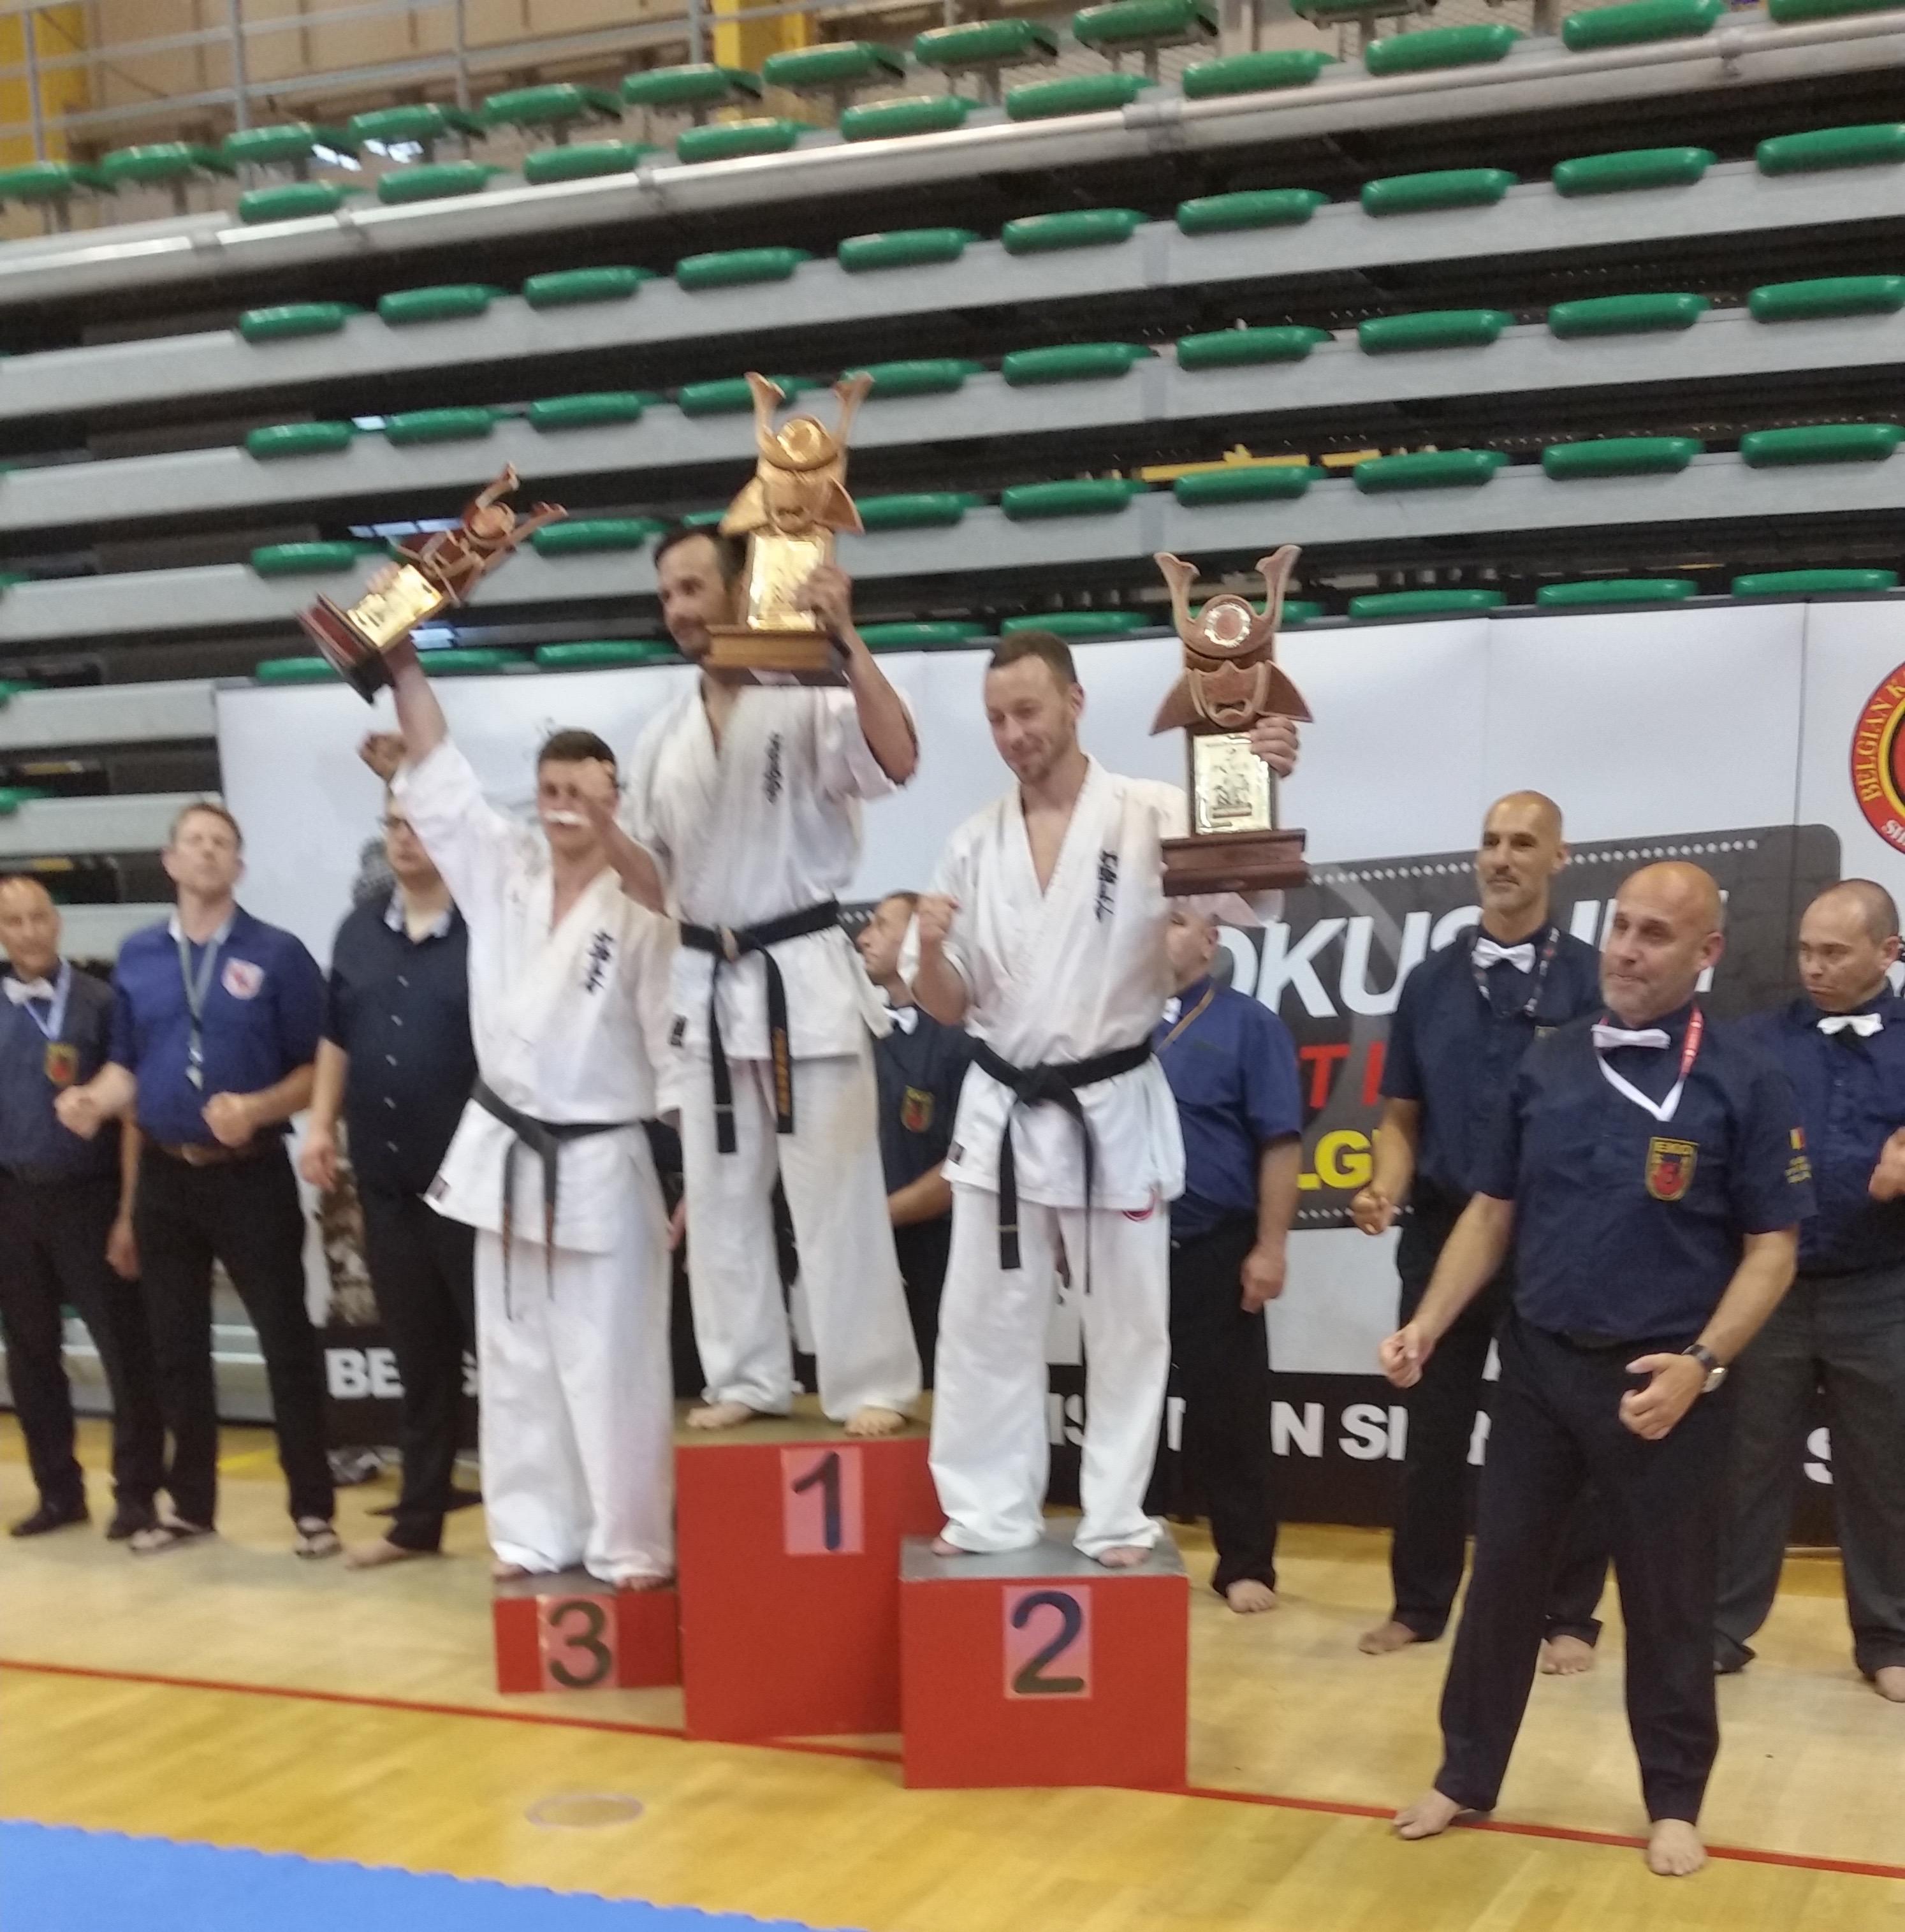 Kyokushin open belgica 2017 gimnasio yin yang for Gimnasio yin yang